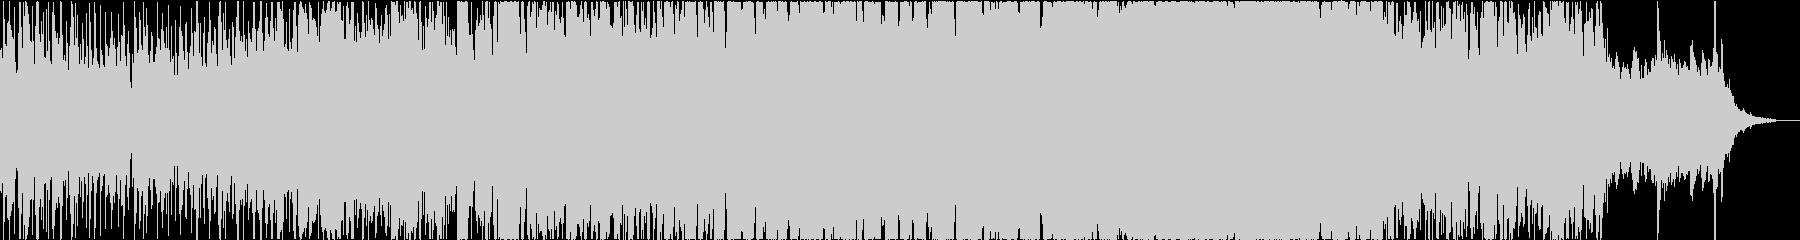 Event Horizonの未再生の波形